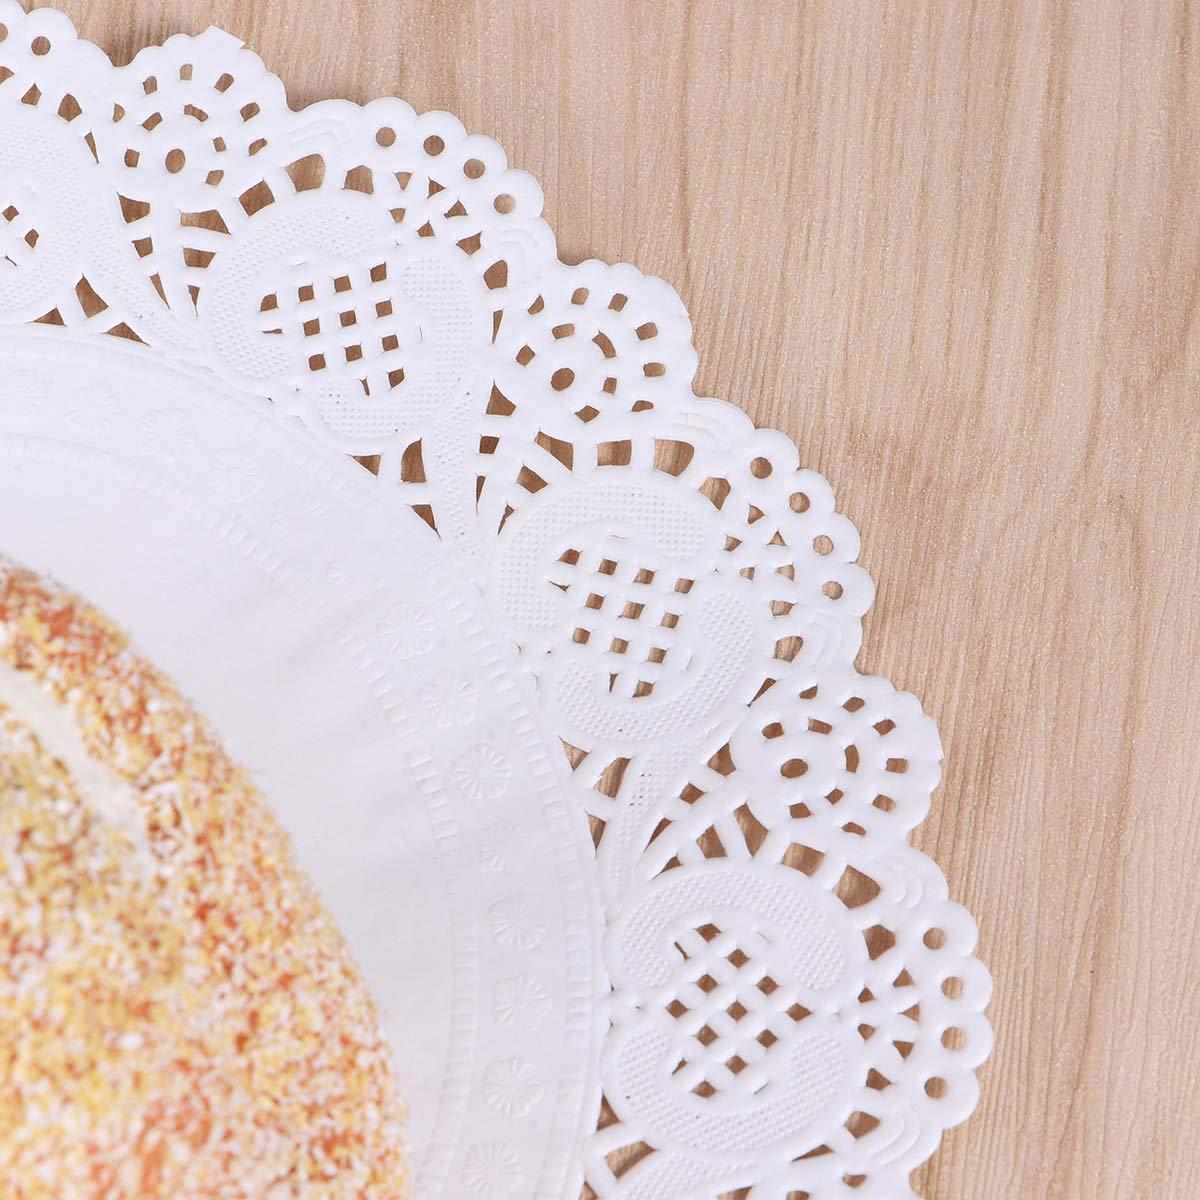 BESTONZON 140 Pezzi centrini di Pizzo Rotondo centrini di Carta tovagliette per Torte Dessert trattati al Forno Display 4,5 Pollici